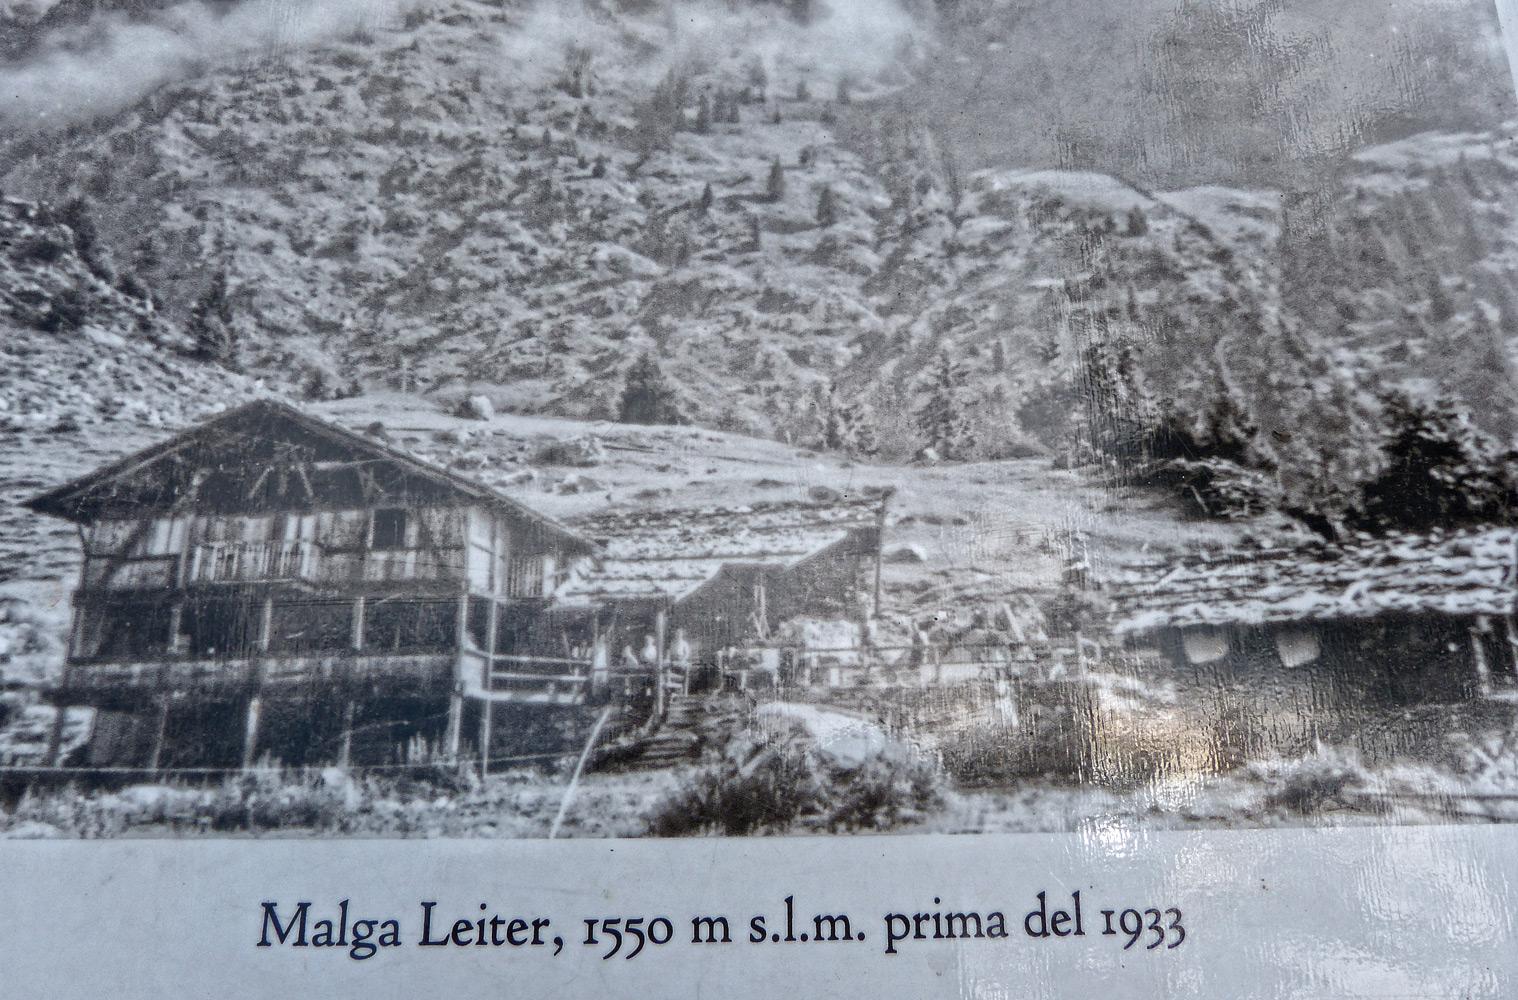 LEITER ALM 1933